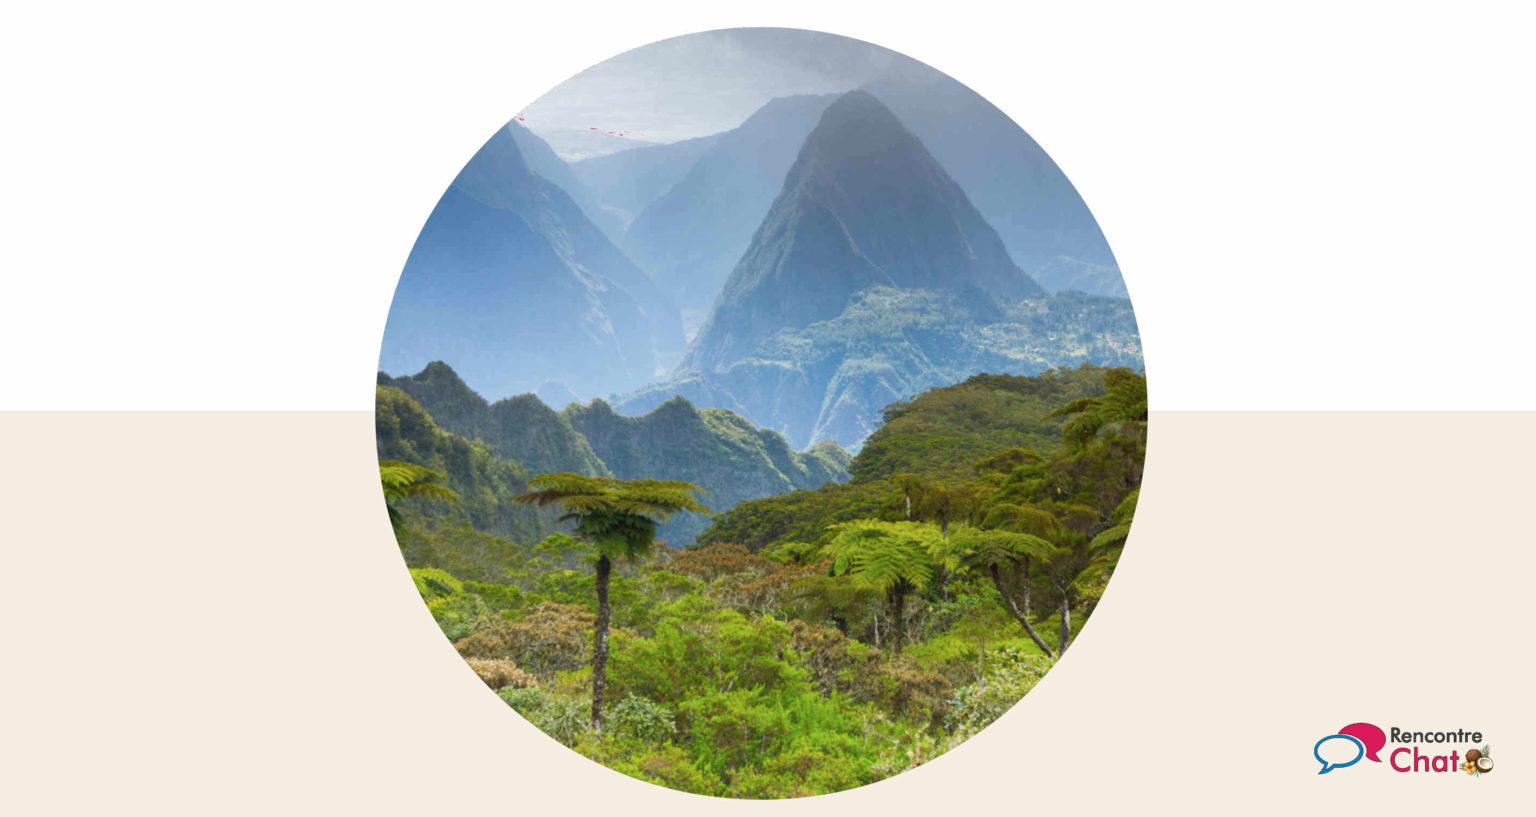 Rencontre Reunion - Votre site de rencontre à La Réunion